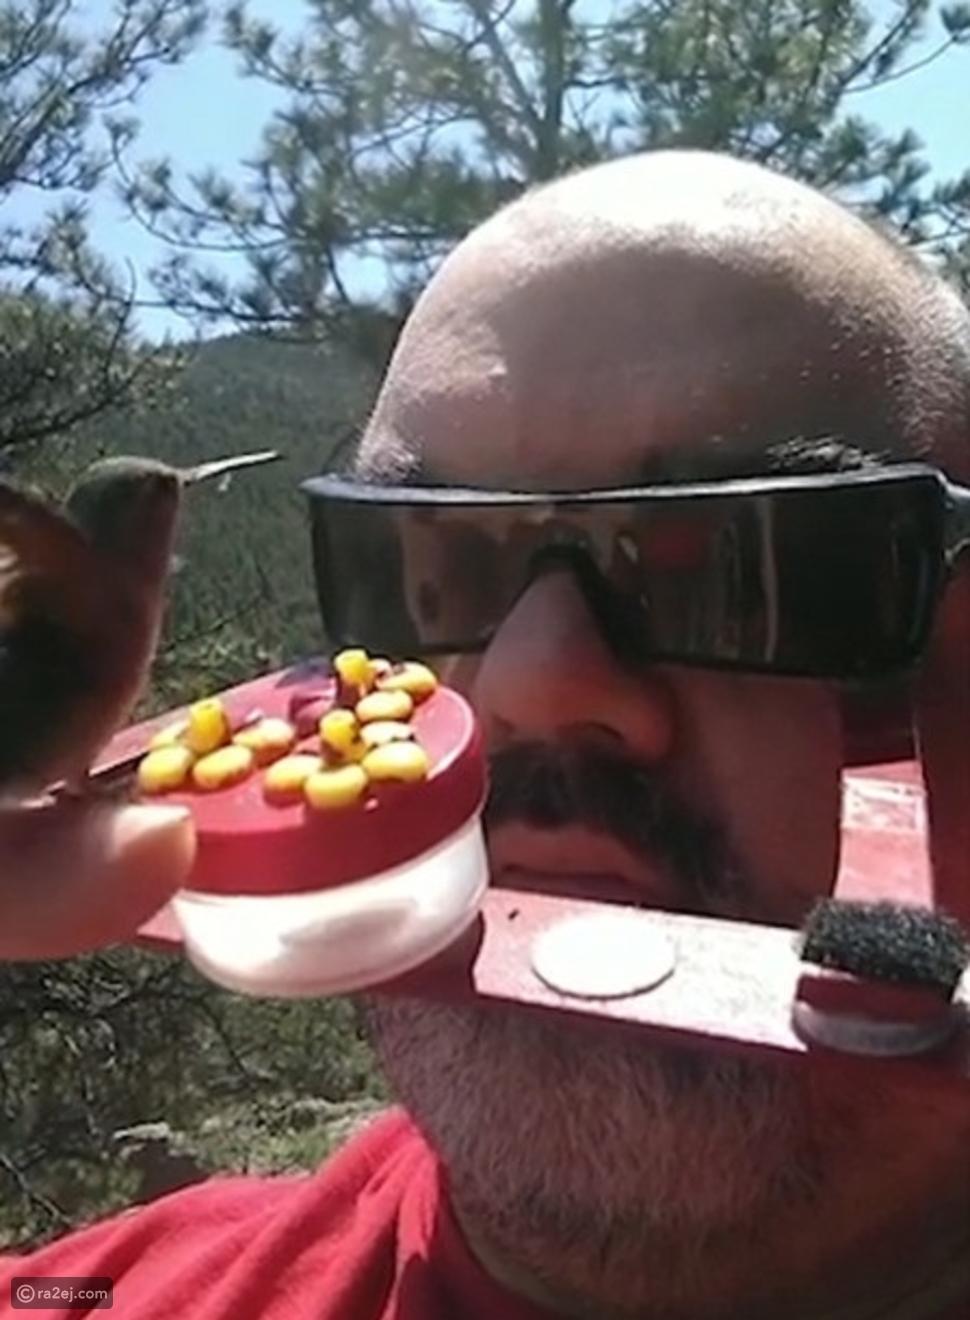 موهبة غريبة: رجل يحول وجهه سلة غذاء من أجل الطيور